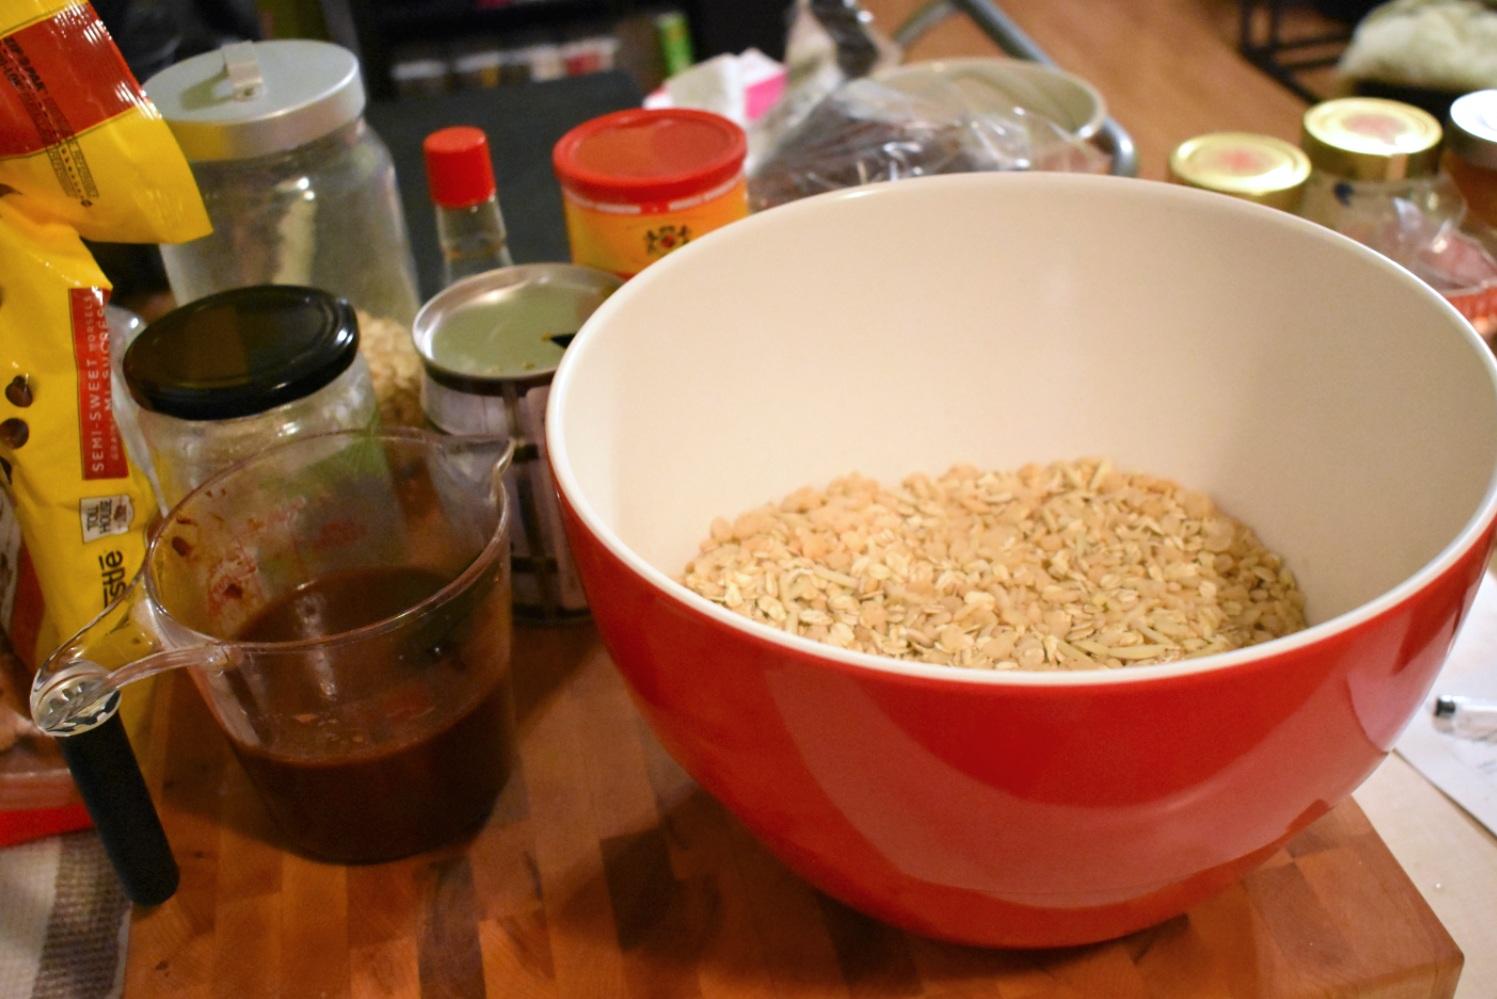 Granola au mocha - Auboutdelalangue.com (3)